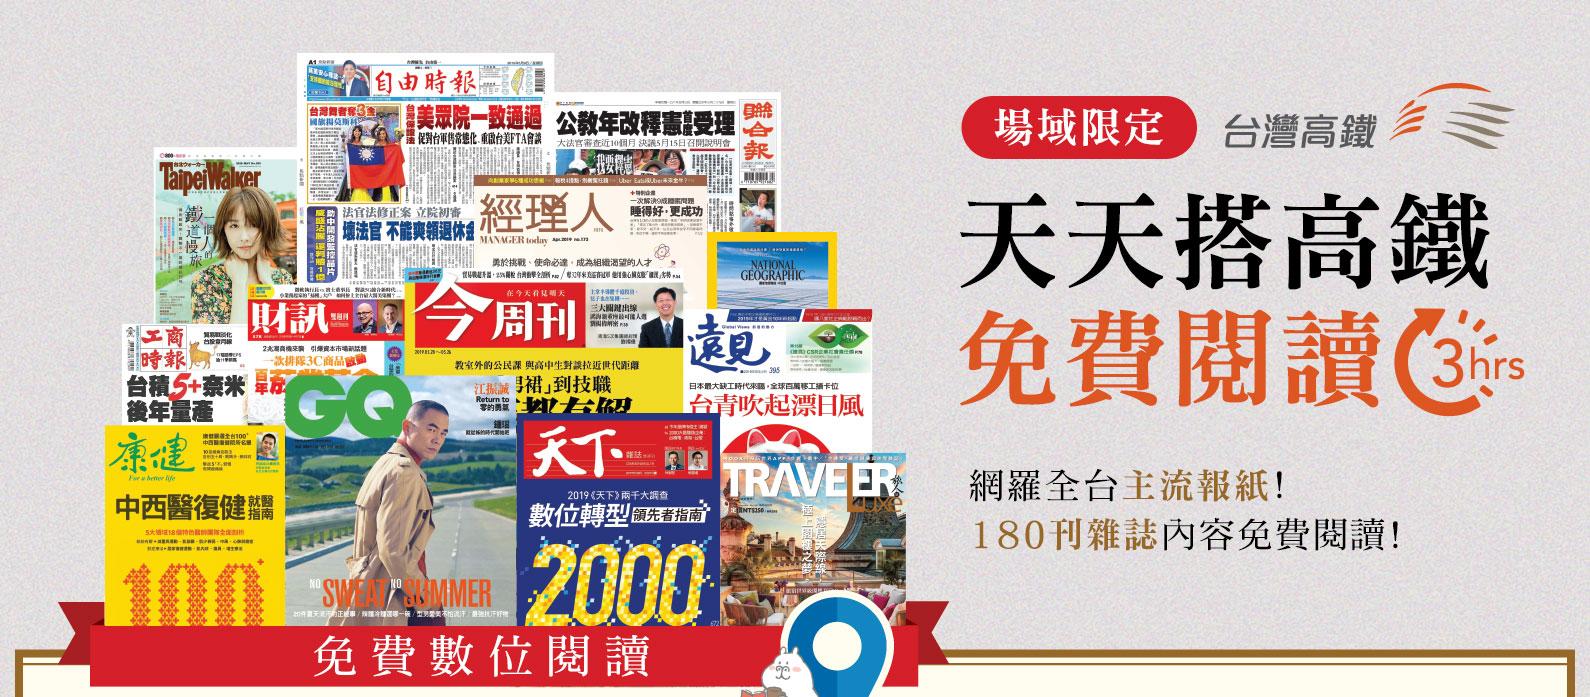 天天搭高鐵 免費閱讀三小時,場域限定 台灣高鐵 網羅全台八大報紙! 180刊雜誌內容免費閱讀!